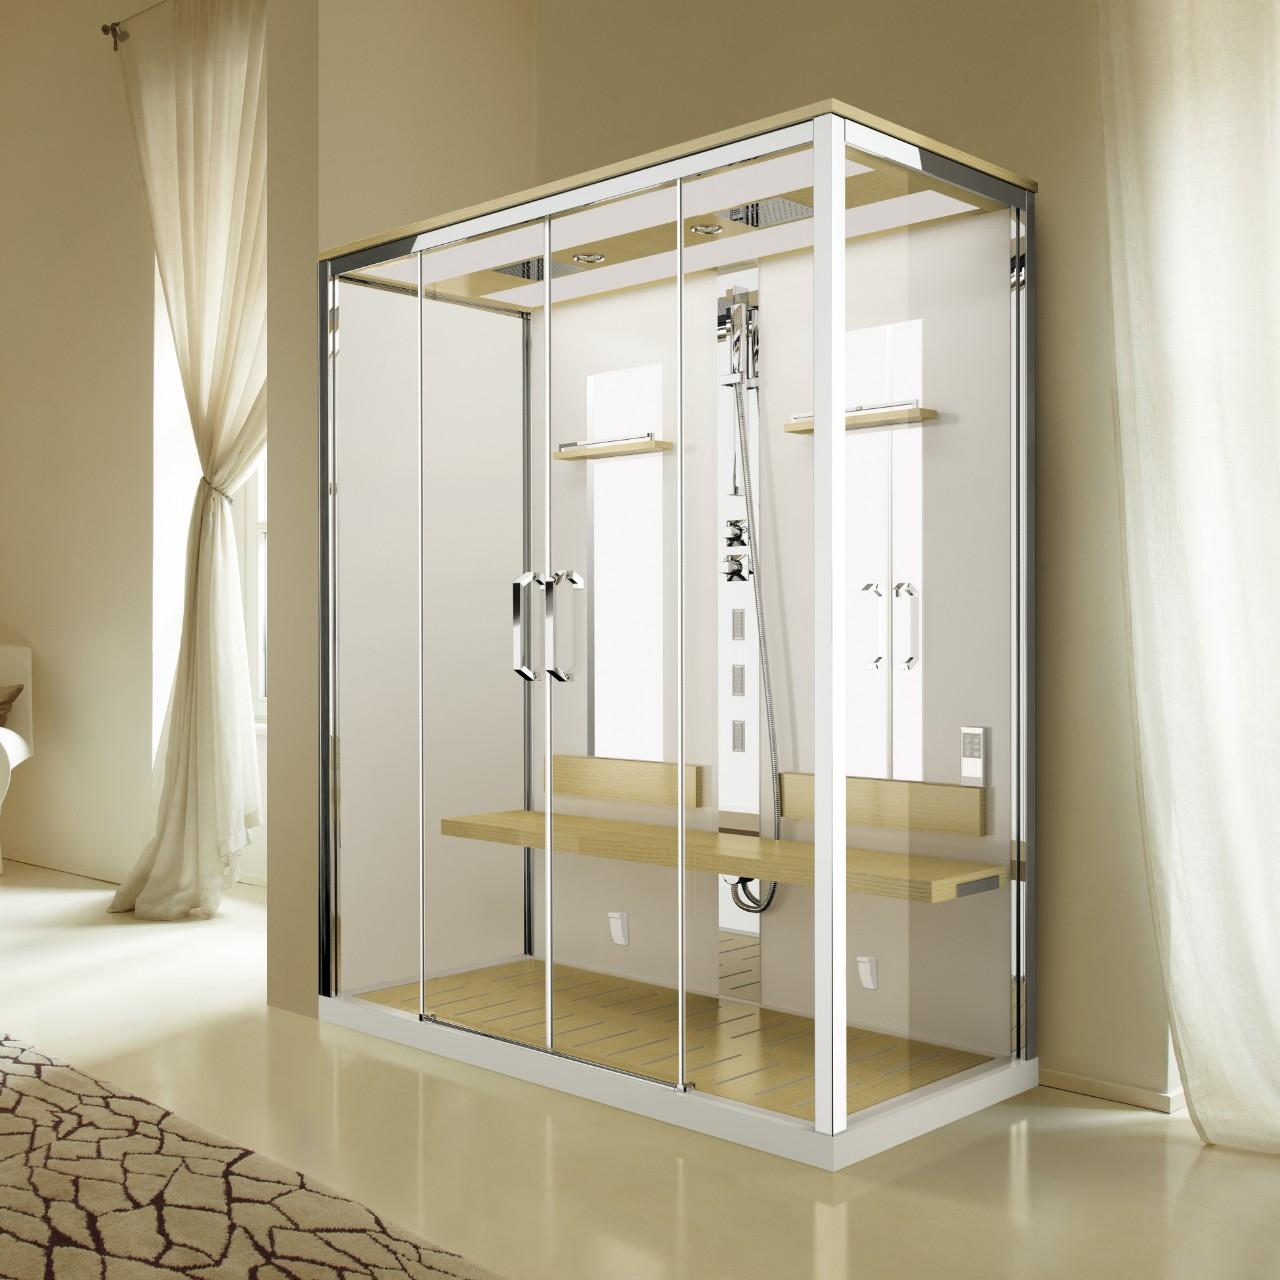 Cabinas de ducha novellini - Cabinas para duchas ...